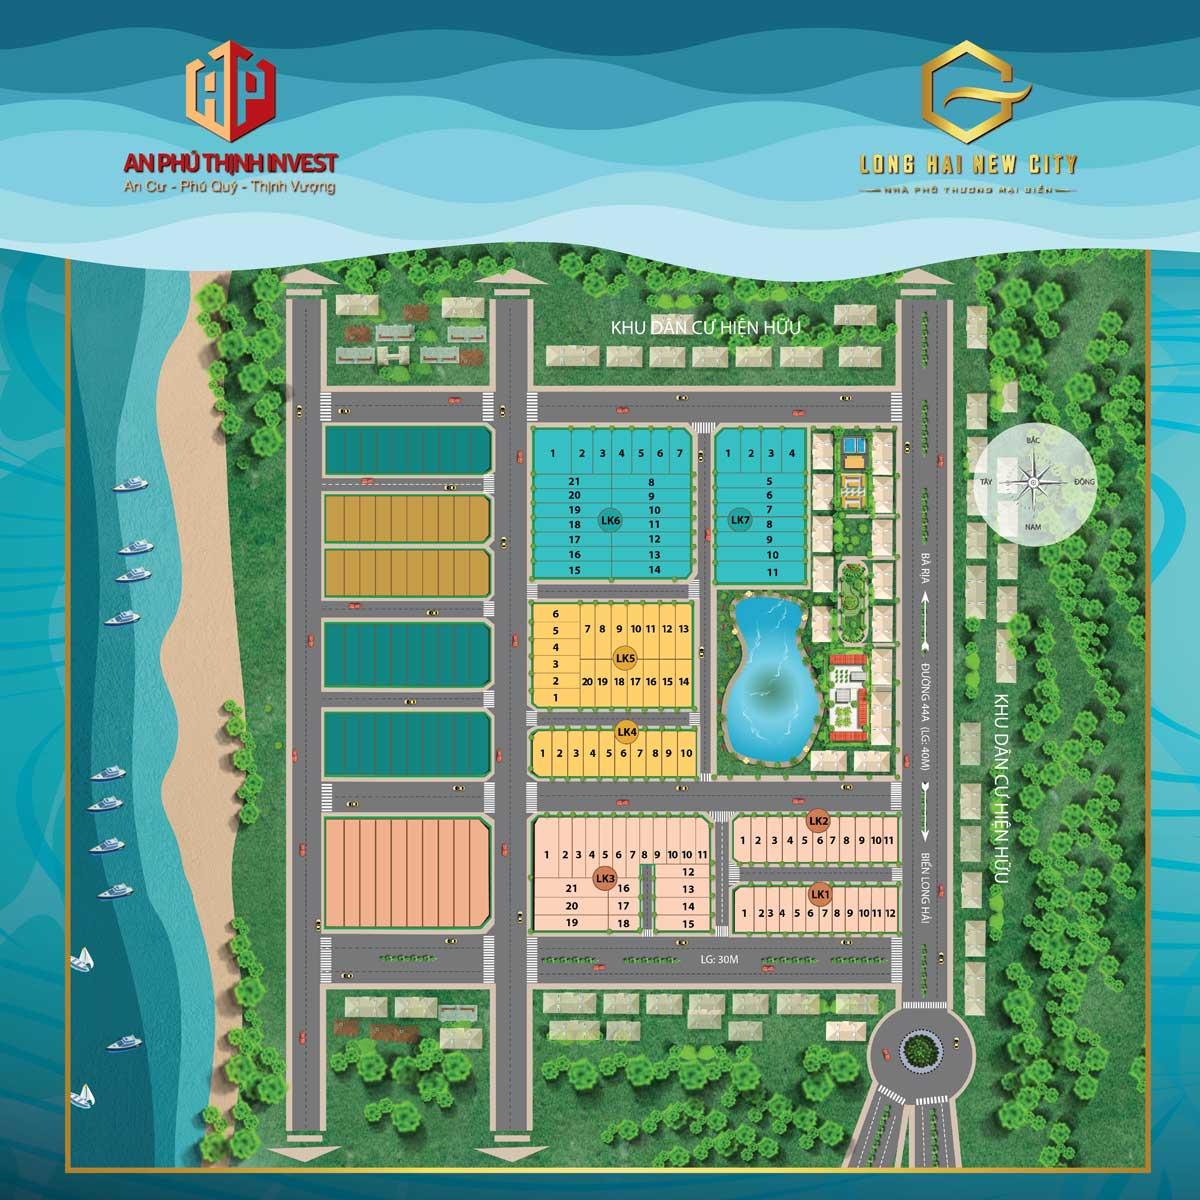 Mặt bằng phân lô Dự án Long Hải New City